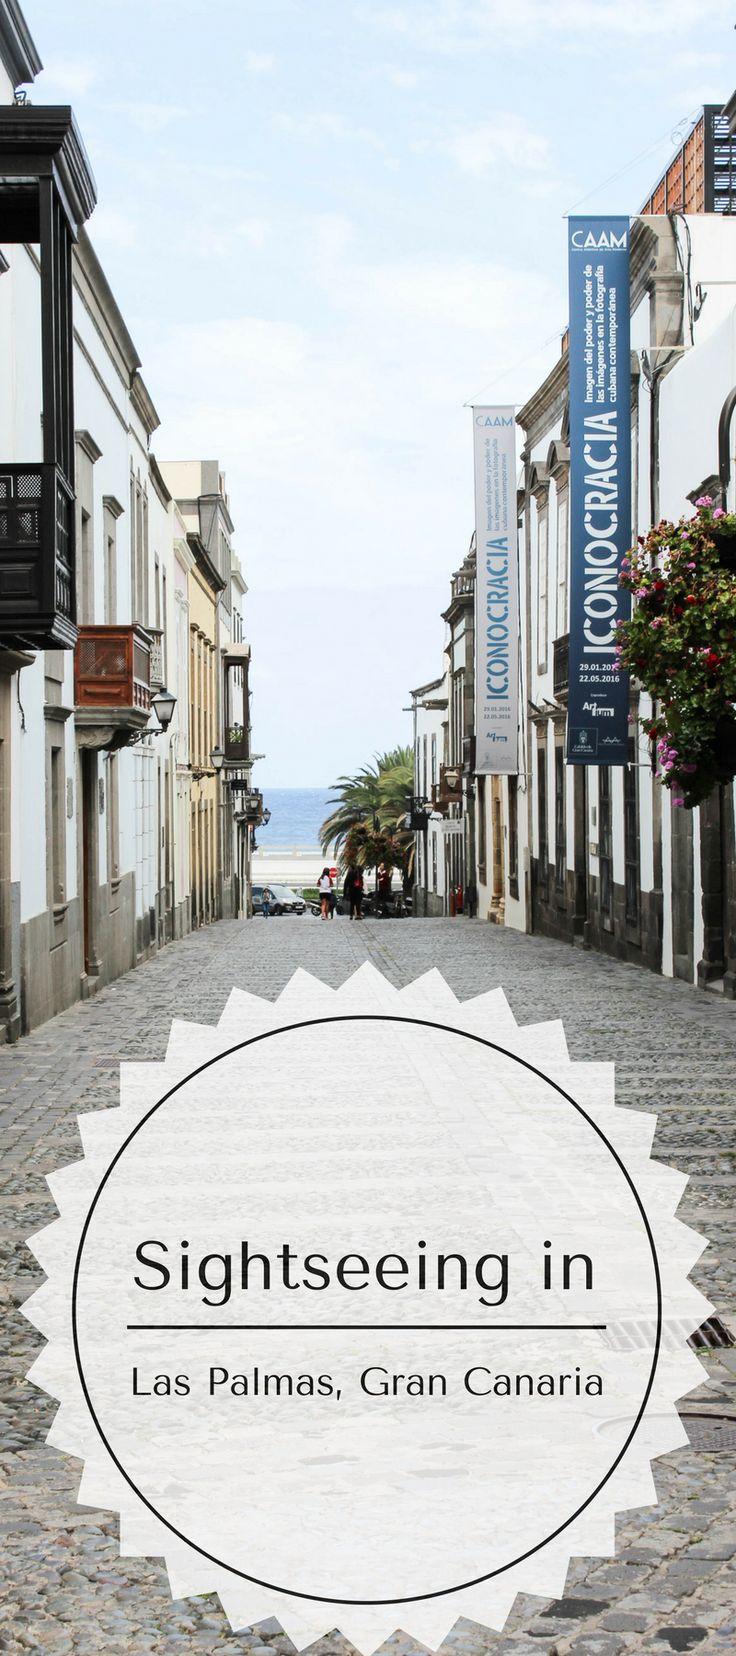 Viele Tipps für Sightseeing in Las Palmas auf Gran Canaria findest du hier. Urlaub auf den Kanaren kann so schön sein.